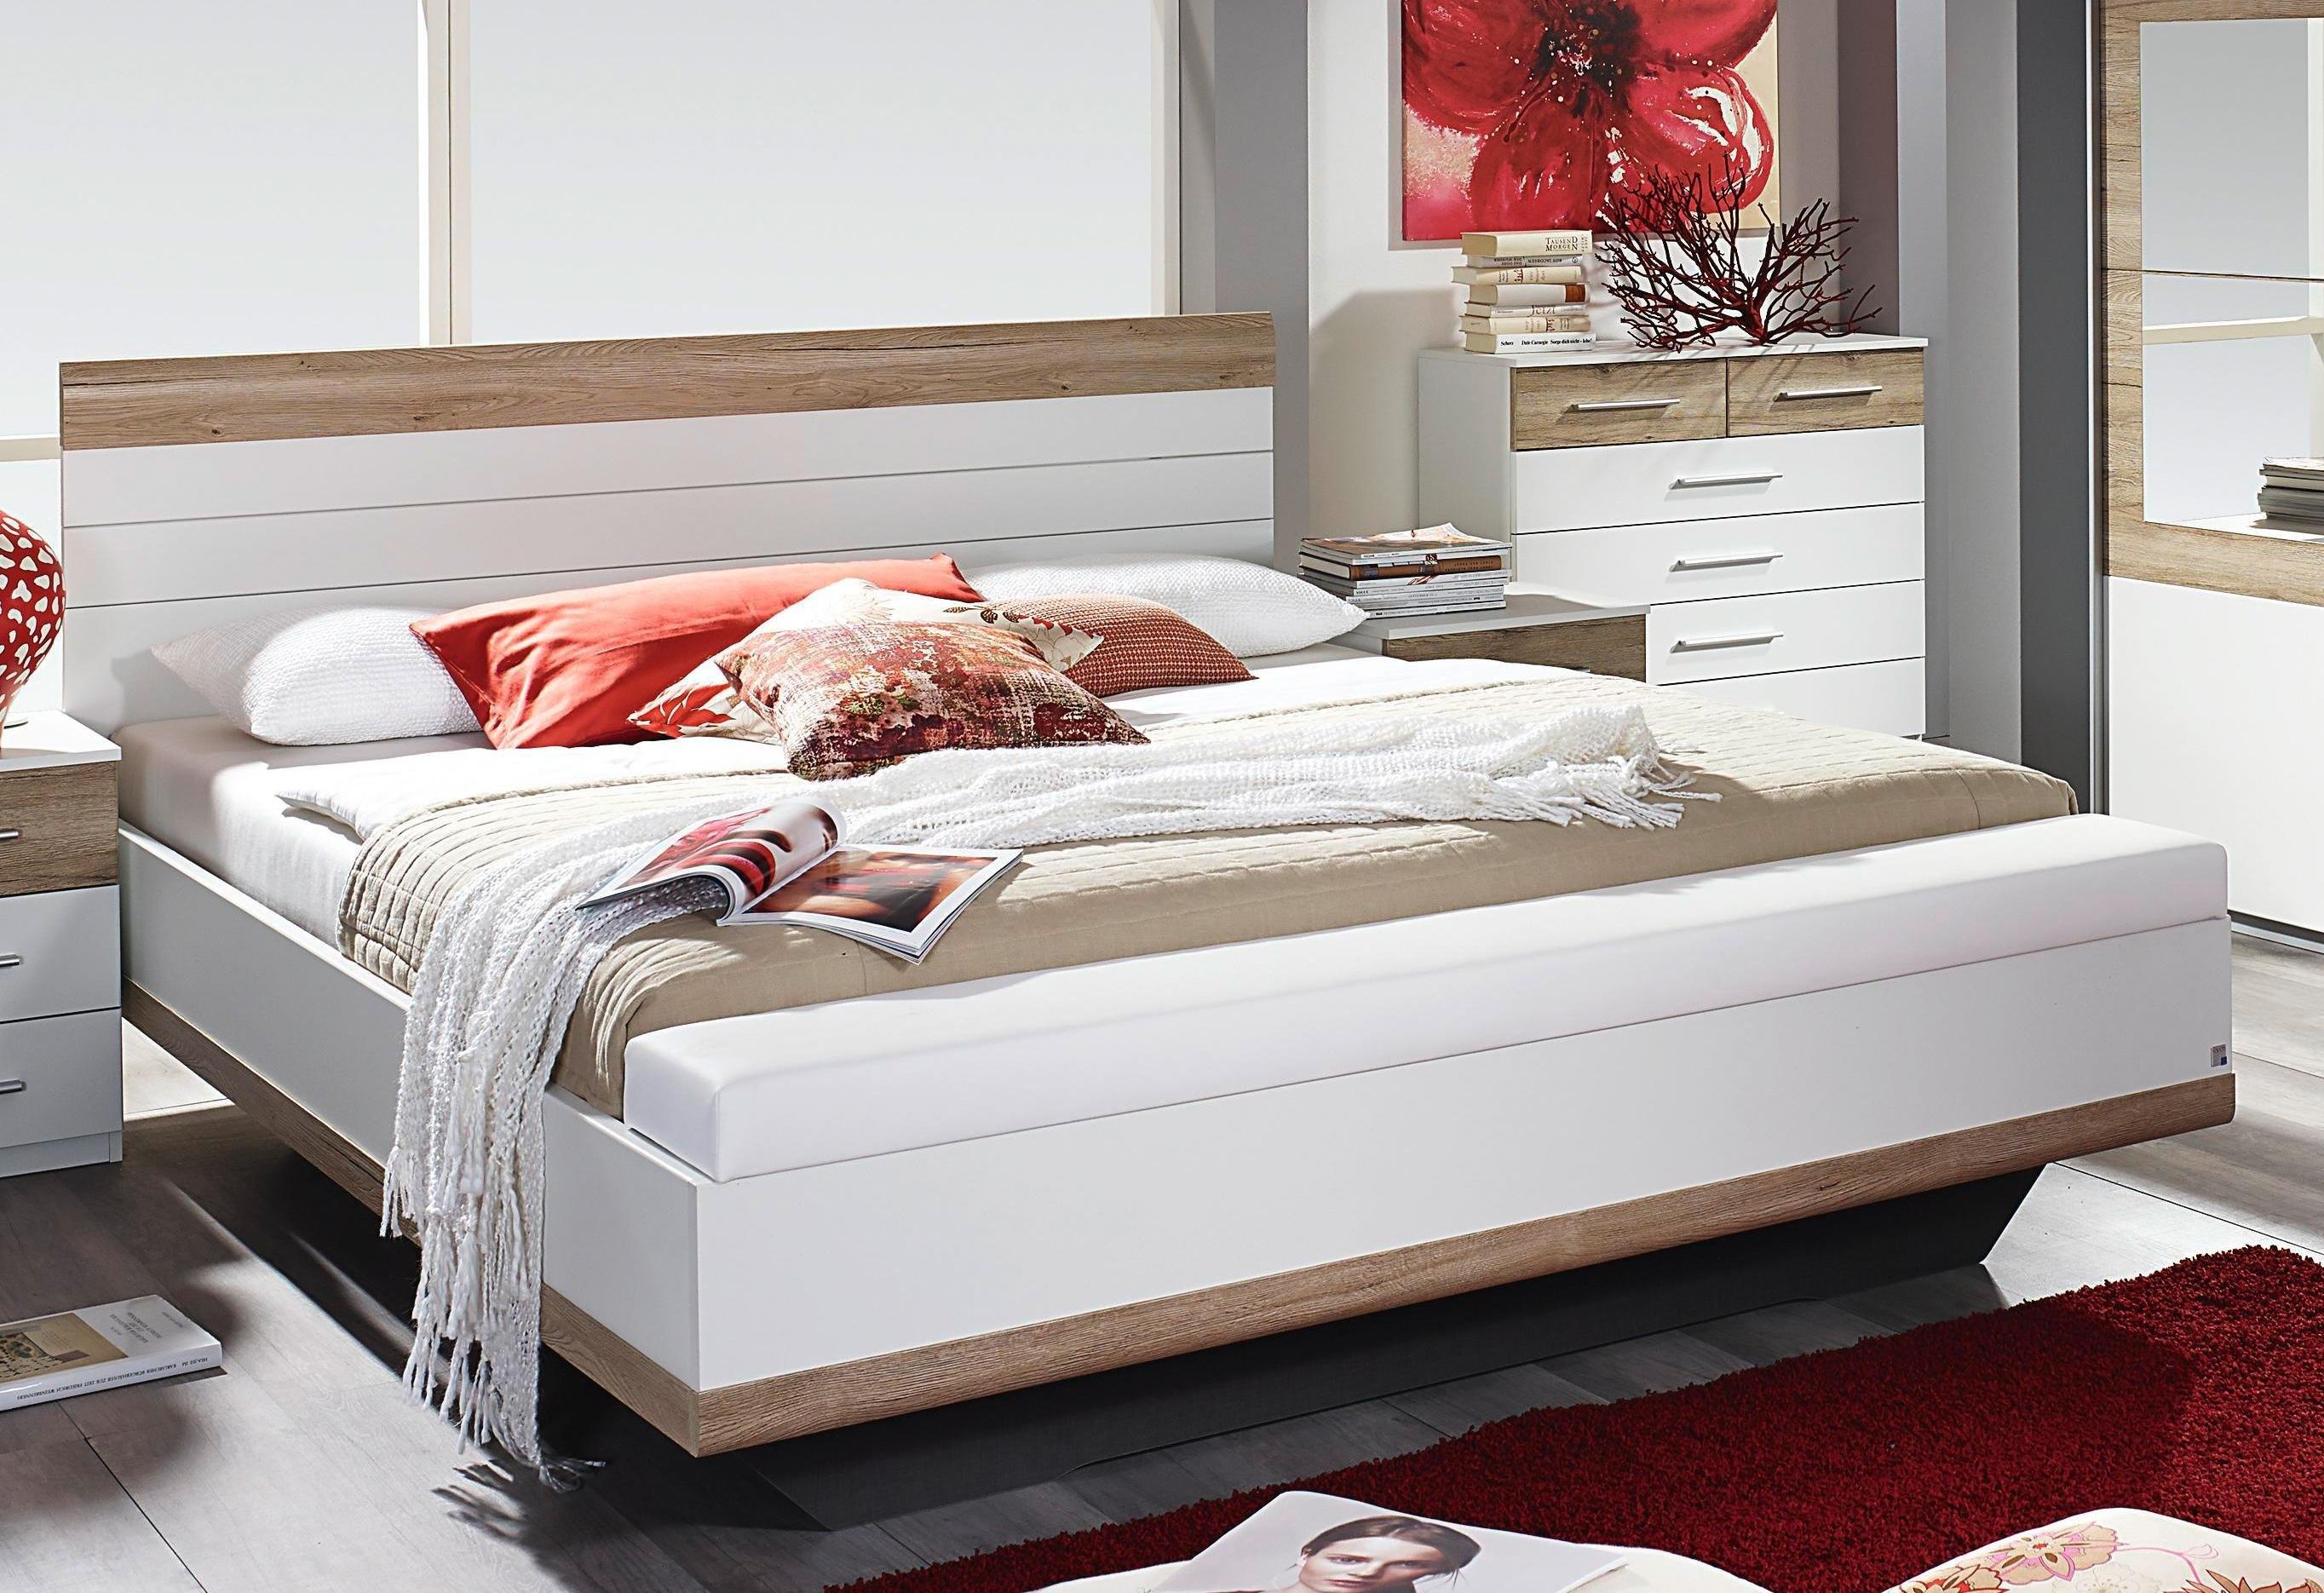 Hedendaags RAUCH Bed met geïntegreerd bankje makkelijk gekocht | OTTO VI-72